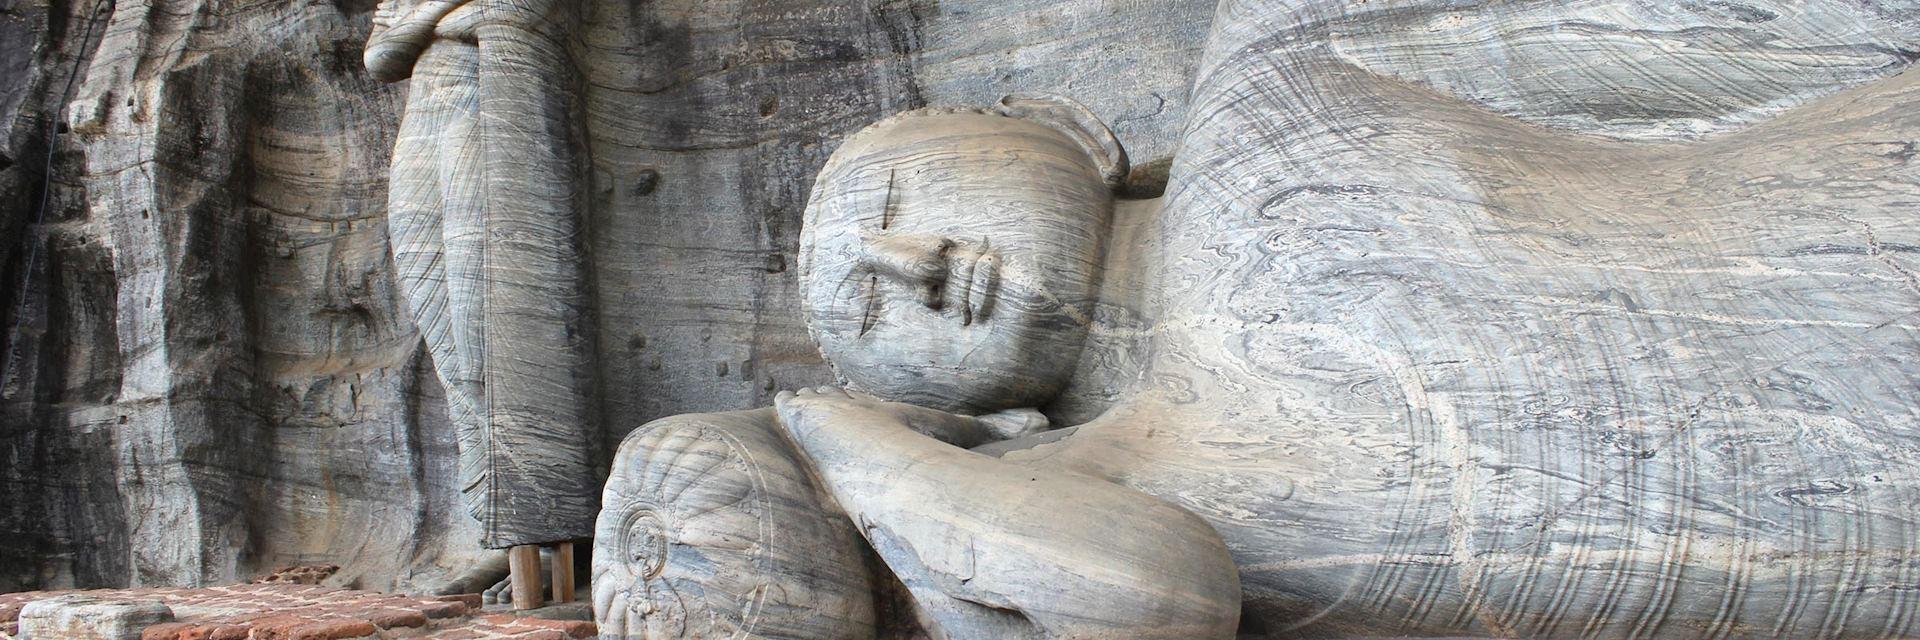 Polonnaruwa buddhas